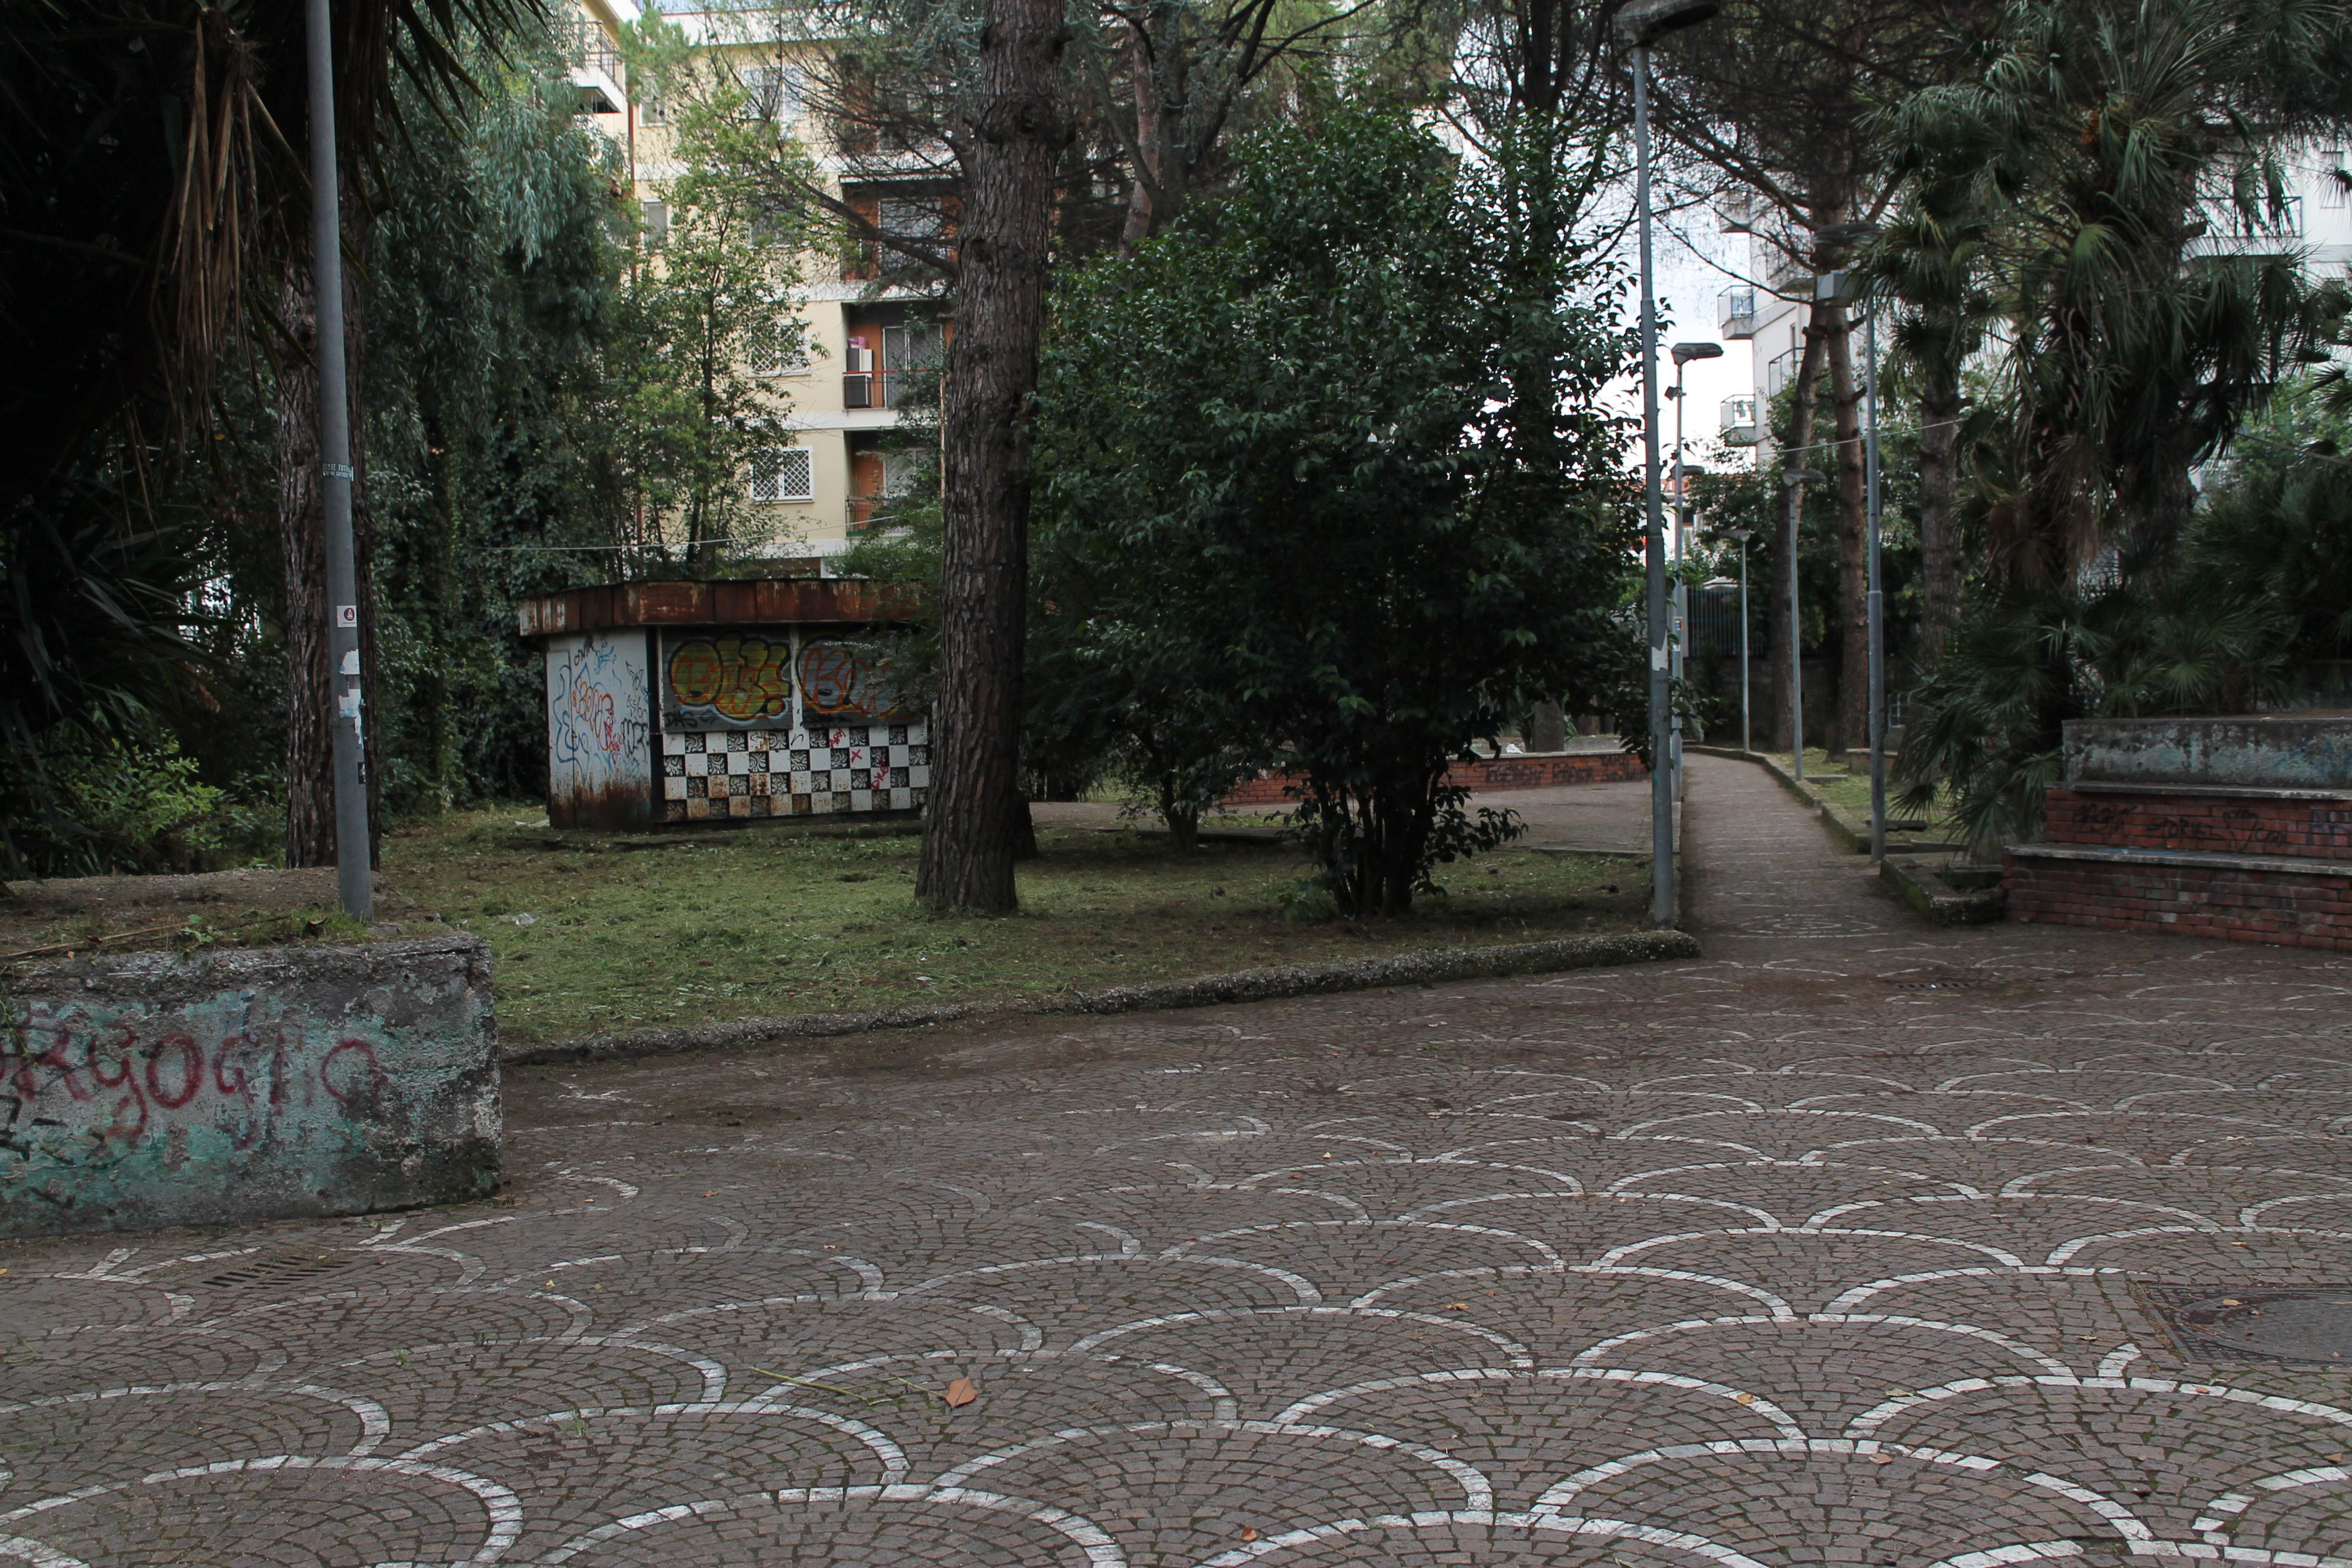 Al via i lavori di pulizia del parco Vittorio Bachelet di Pomigliano